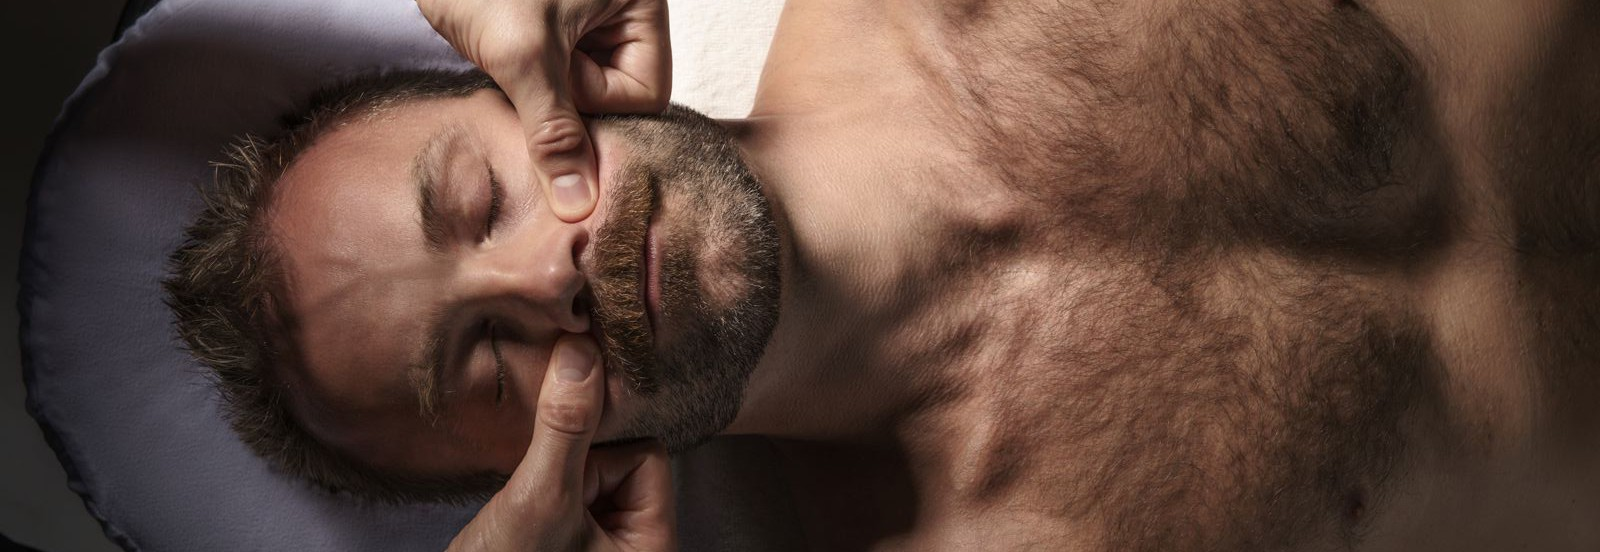 Ansigtsmassage kan mindske rynkerne og lette spændinger